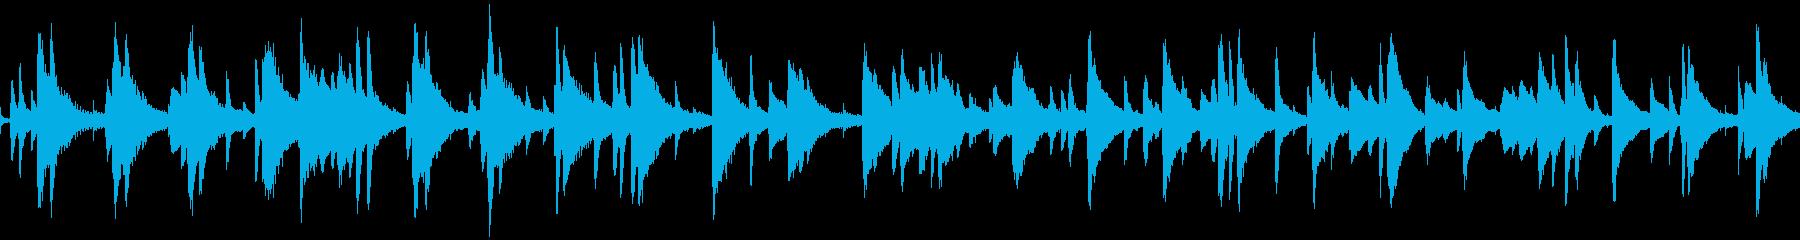 お洒落でキャッチーなジャズピアノトリオ7の再生済みの波形